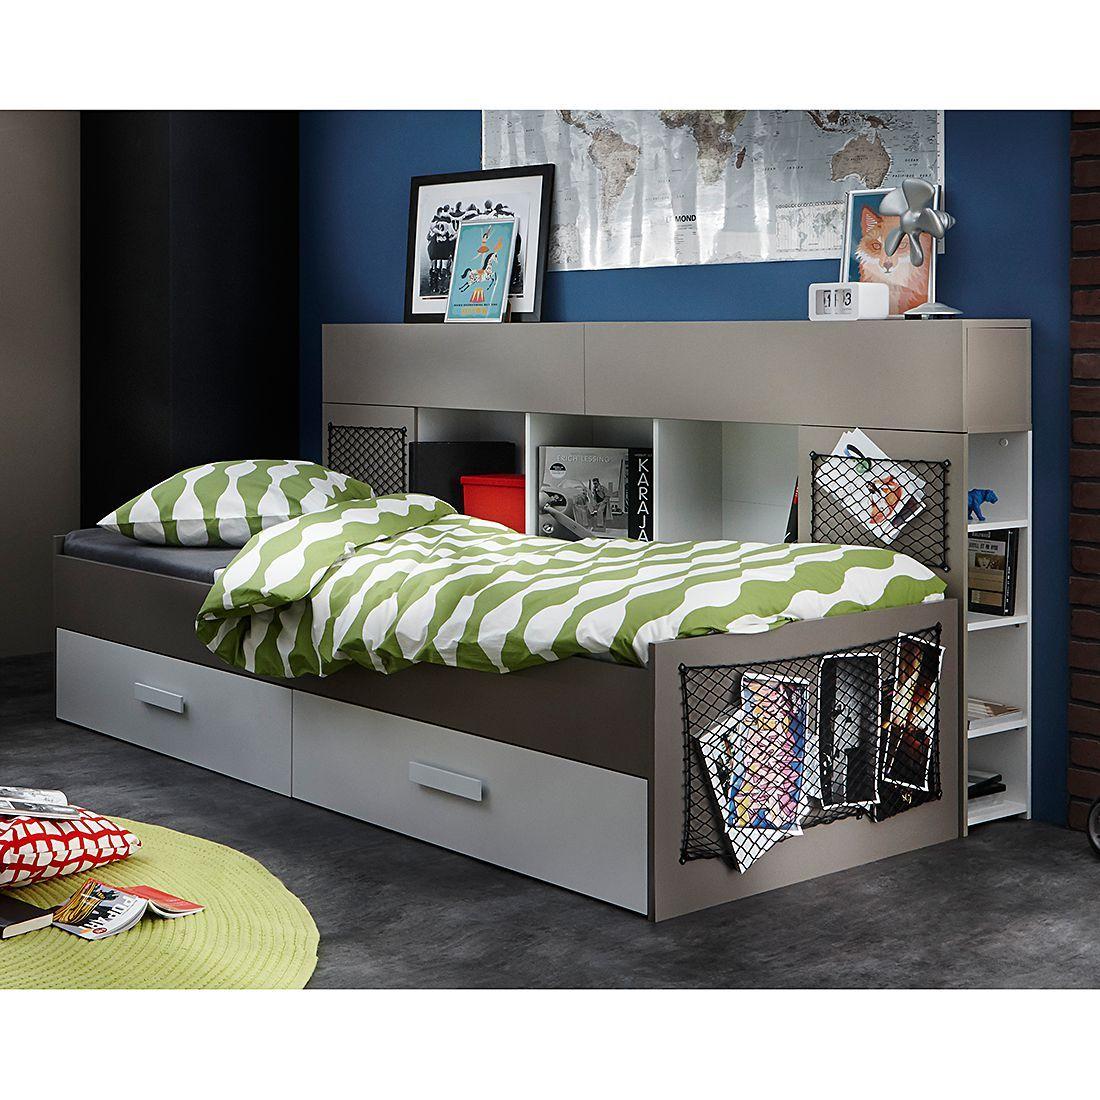 Lit Multi Rangements Texto Acheter Home24 Meuble Chambre Chambre Ado Lit Decoration Lit